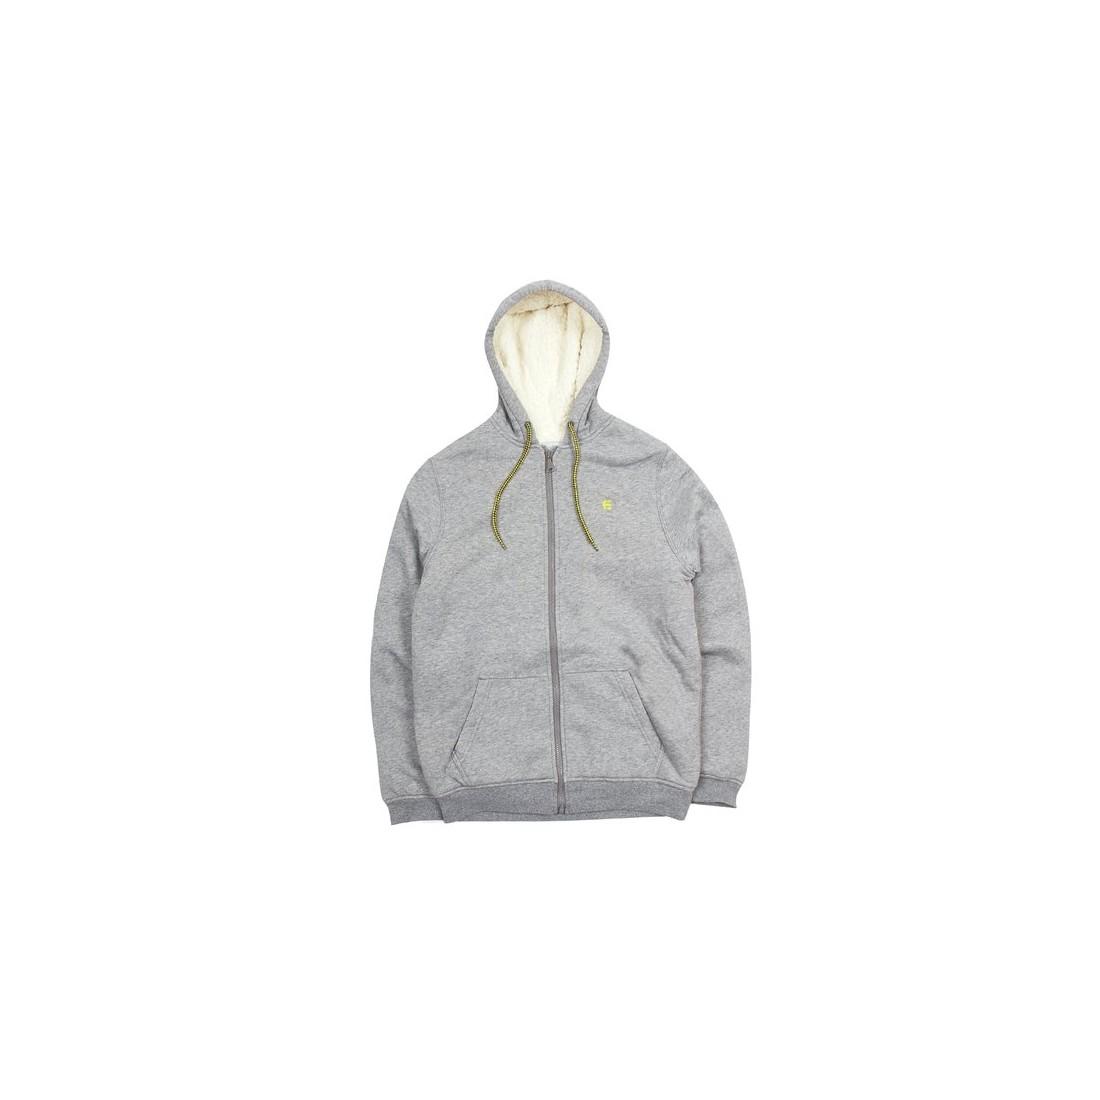 SWEAT ETNIES CLASSIC SHERPA ZIP FLEECE grey